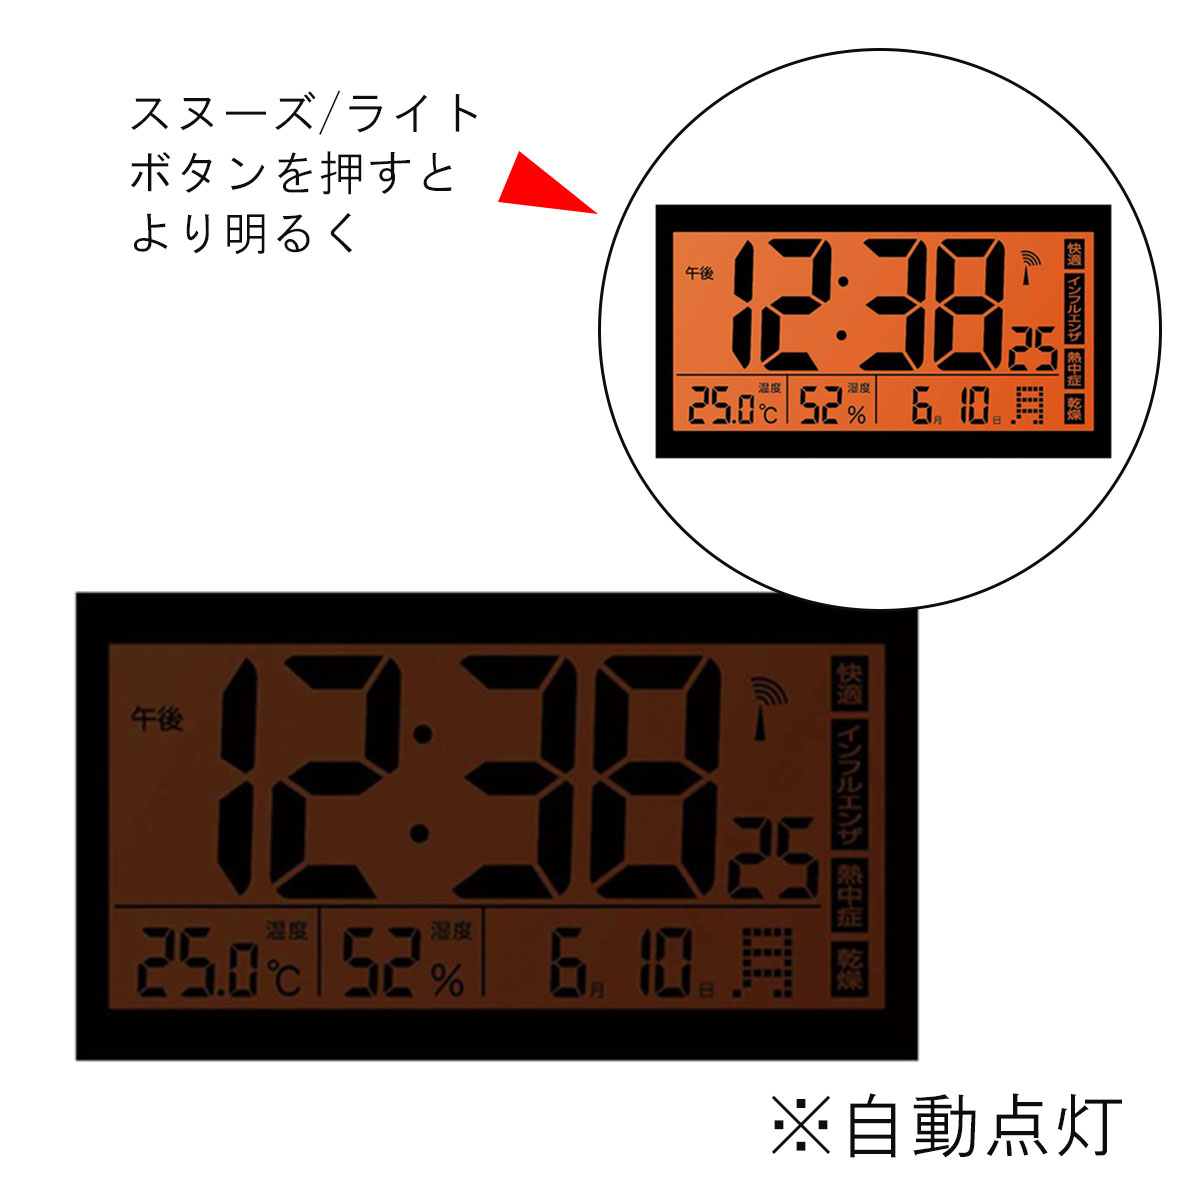 明暗センサー付電波時計 エアサーチ グッドライト